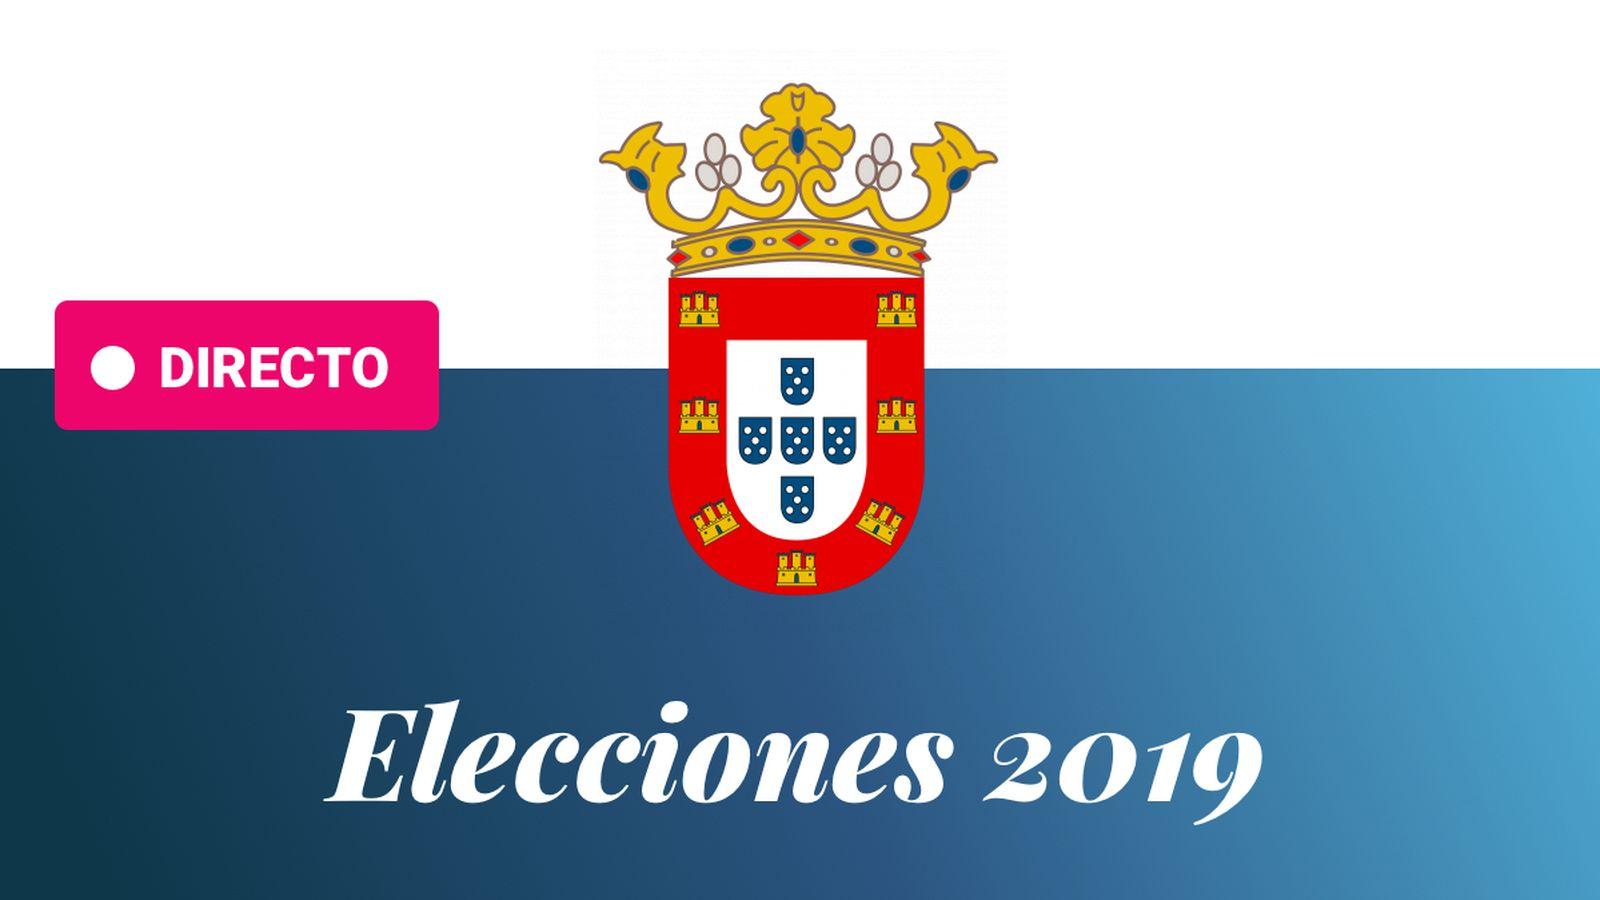 Foto: Elecciones generales 2019 en la ciudad autónoma de Ceuta. (C.C./PaD)